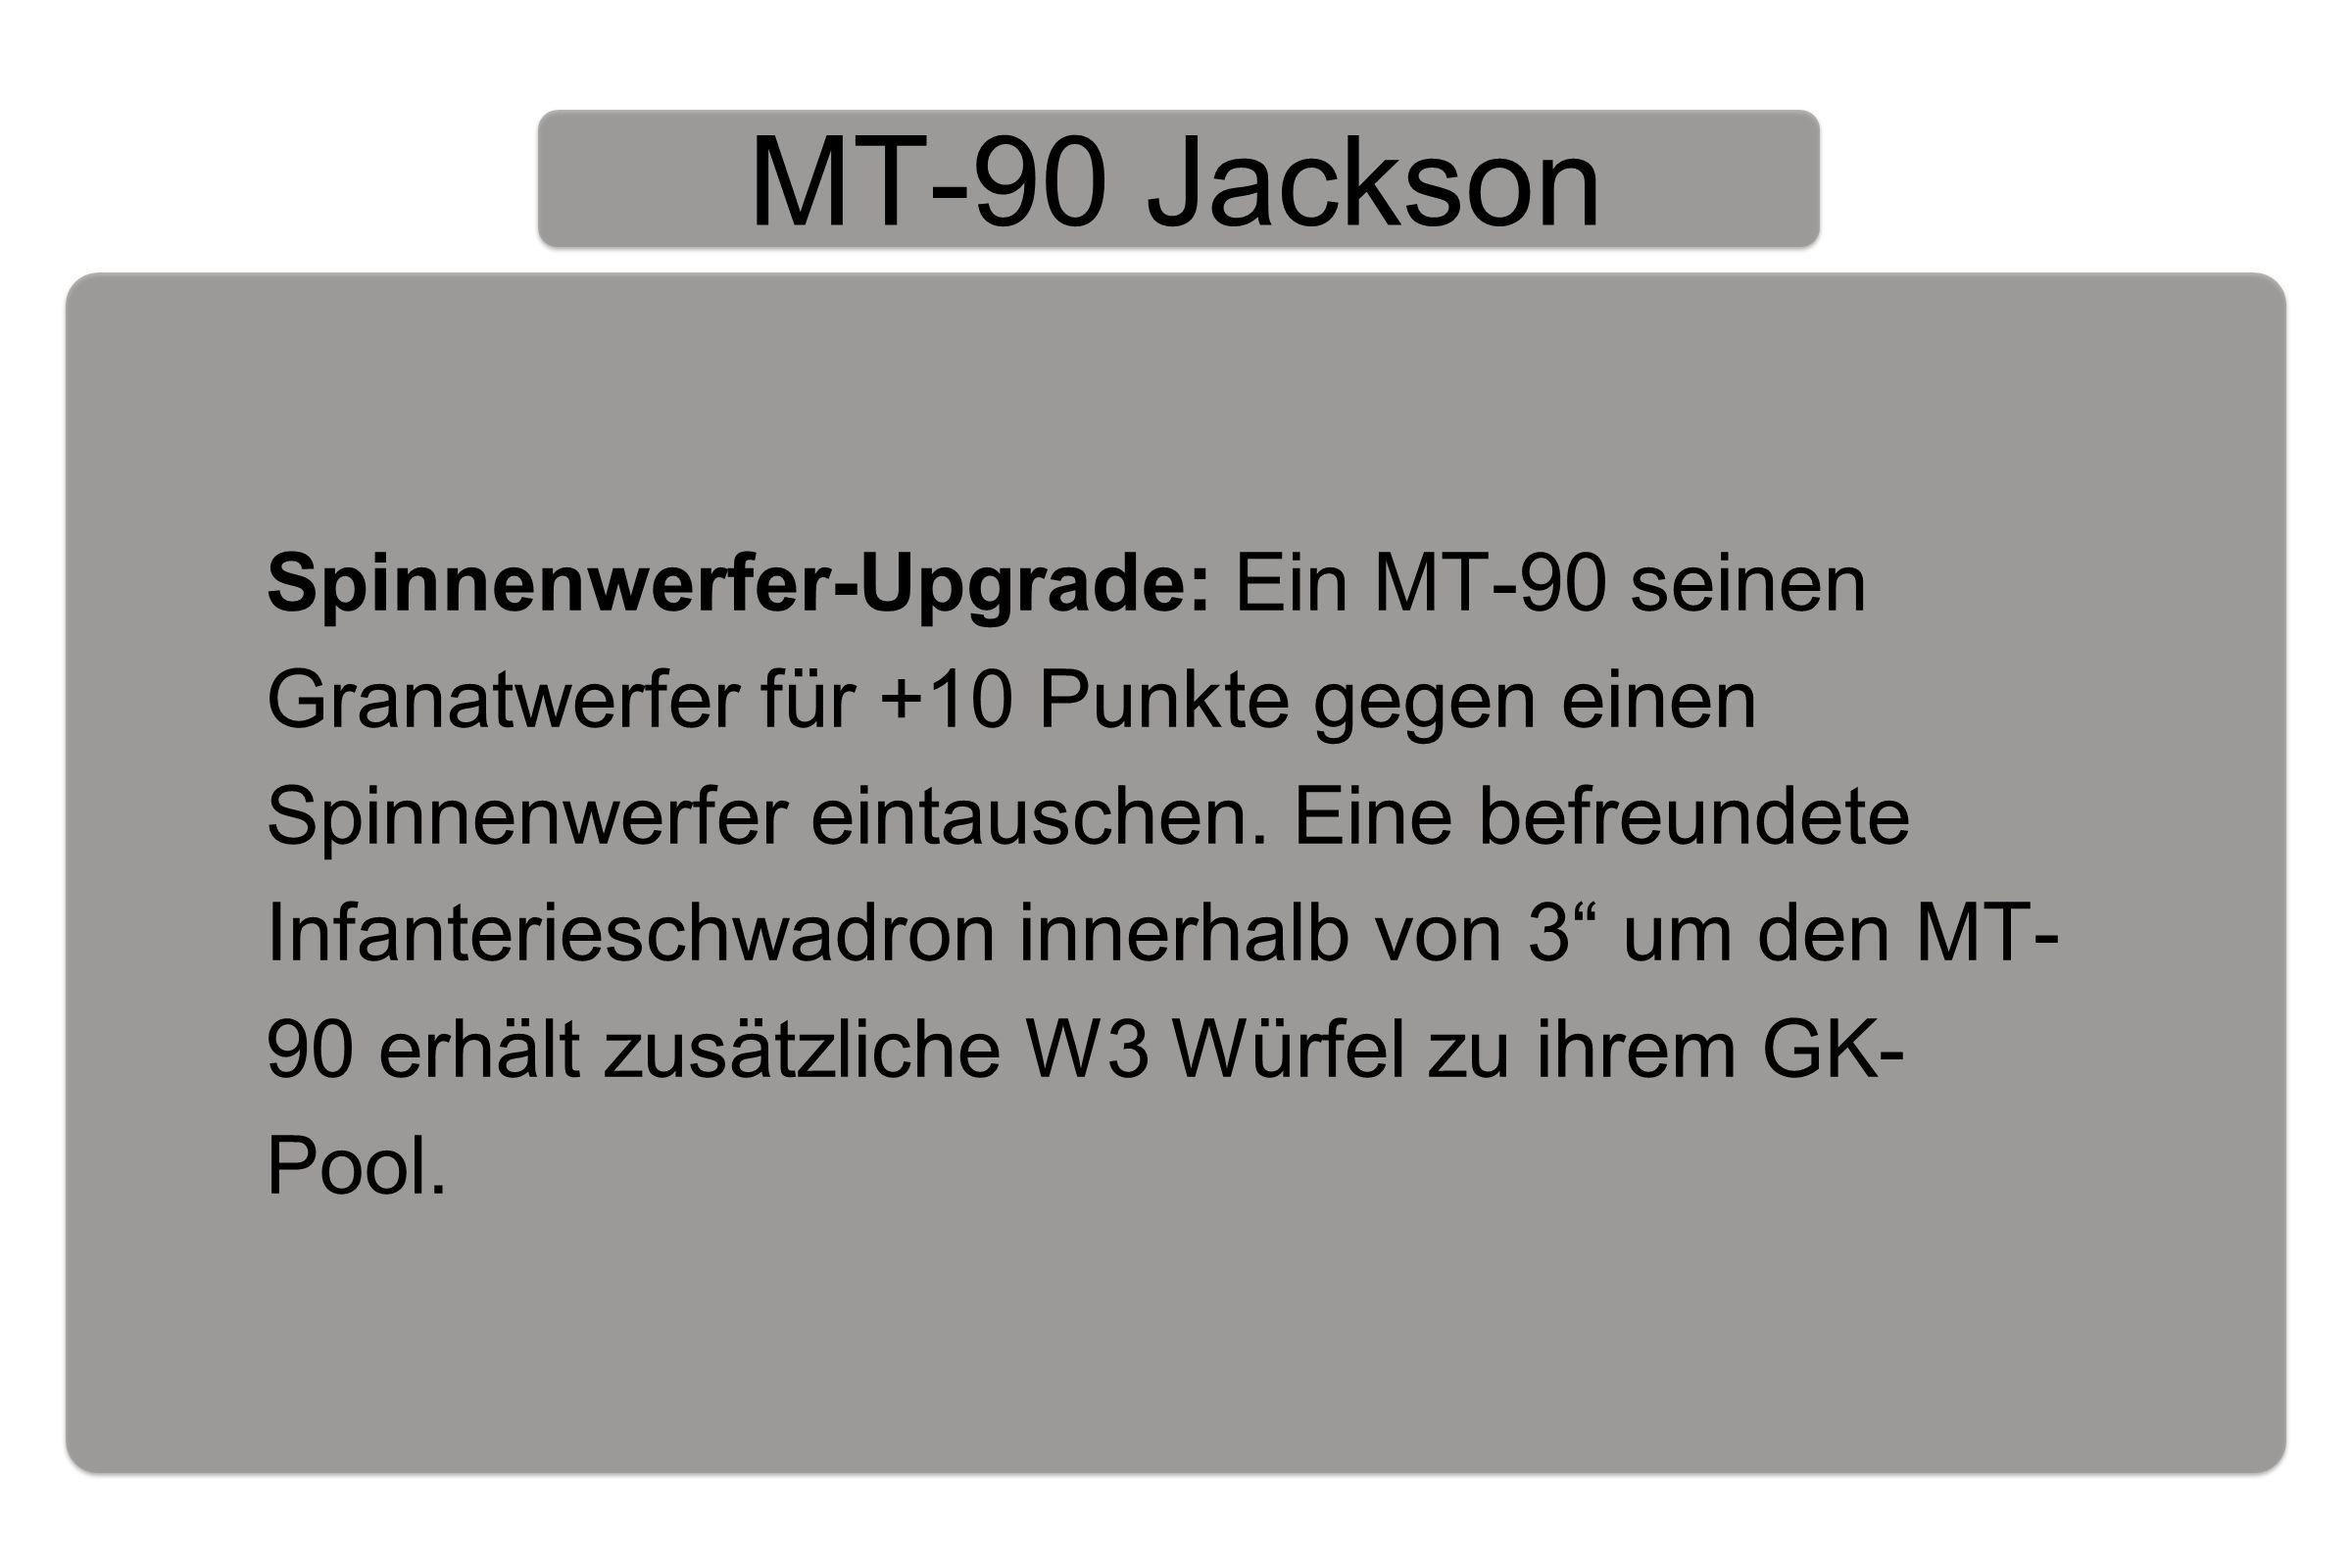 MT-90 Jackson Spinnenwerfer-Upgrade: Ein MT-90 seinen Granatwerfer für +10 Punkte gegen einen Spinnenwerfer eintauschen.